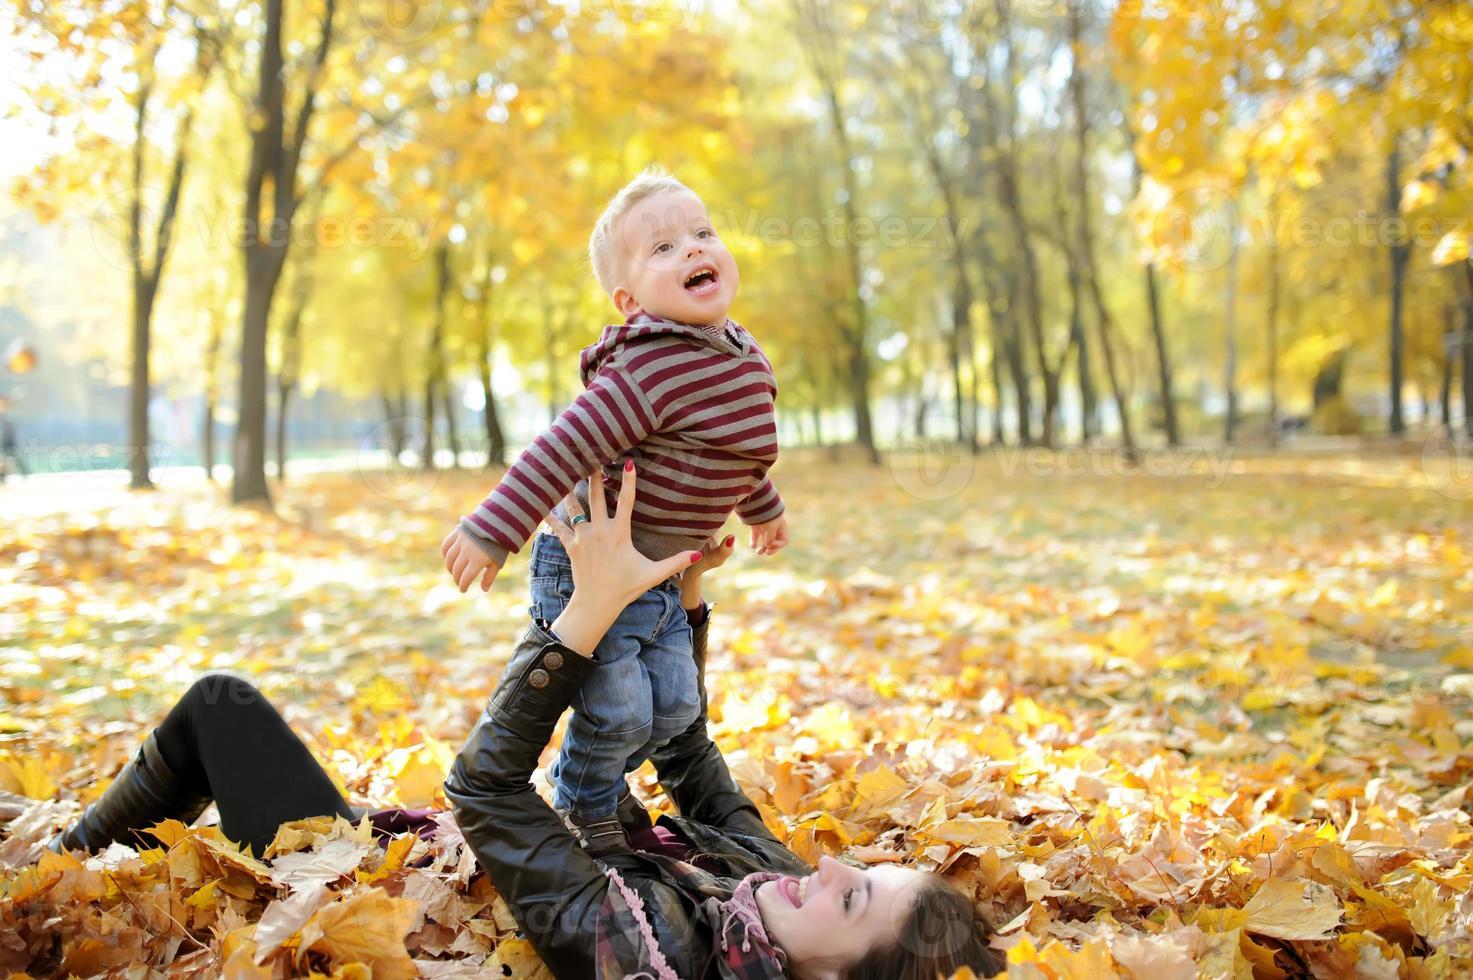 madre y el niño caminan en el parque otoño foto